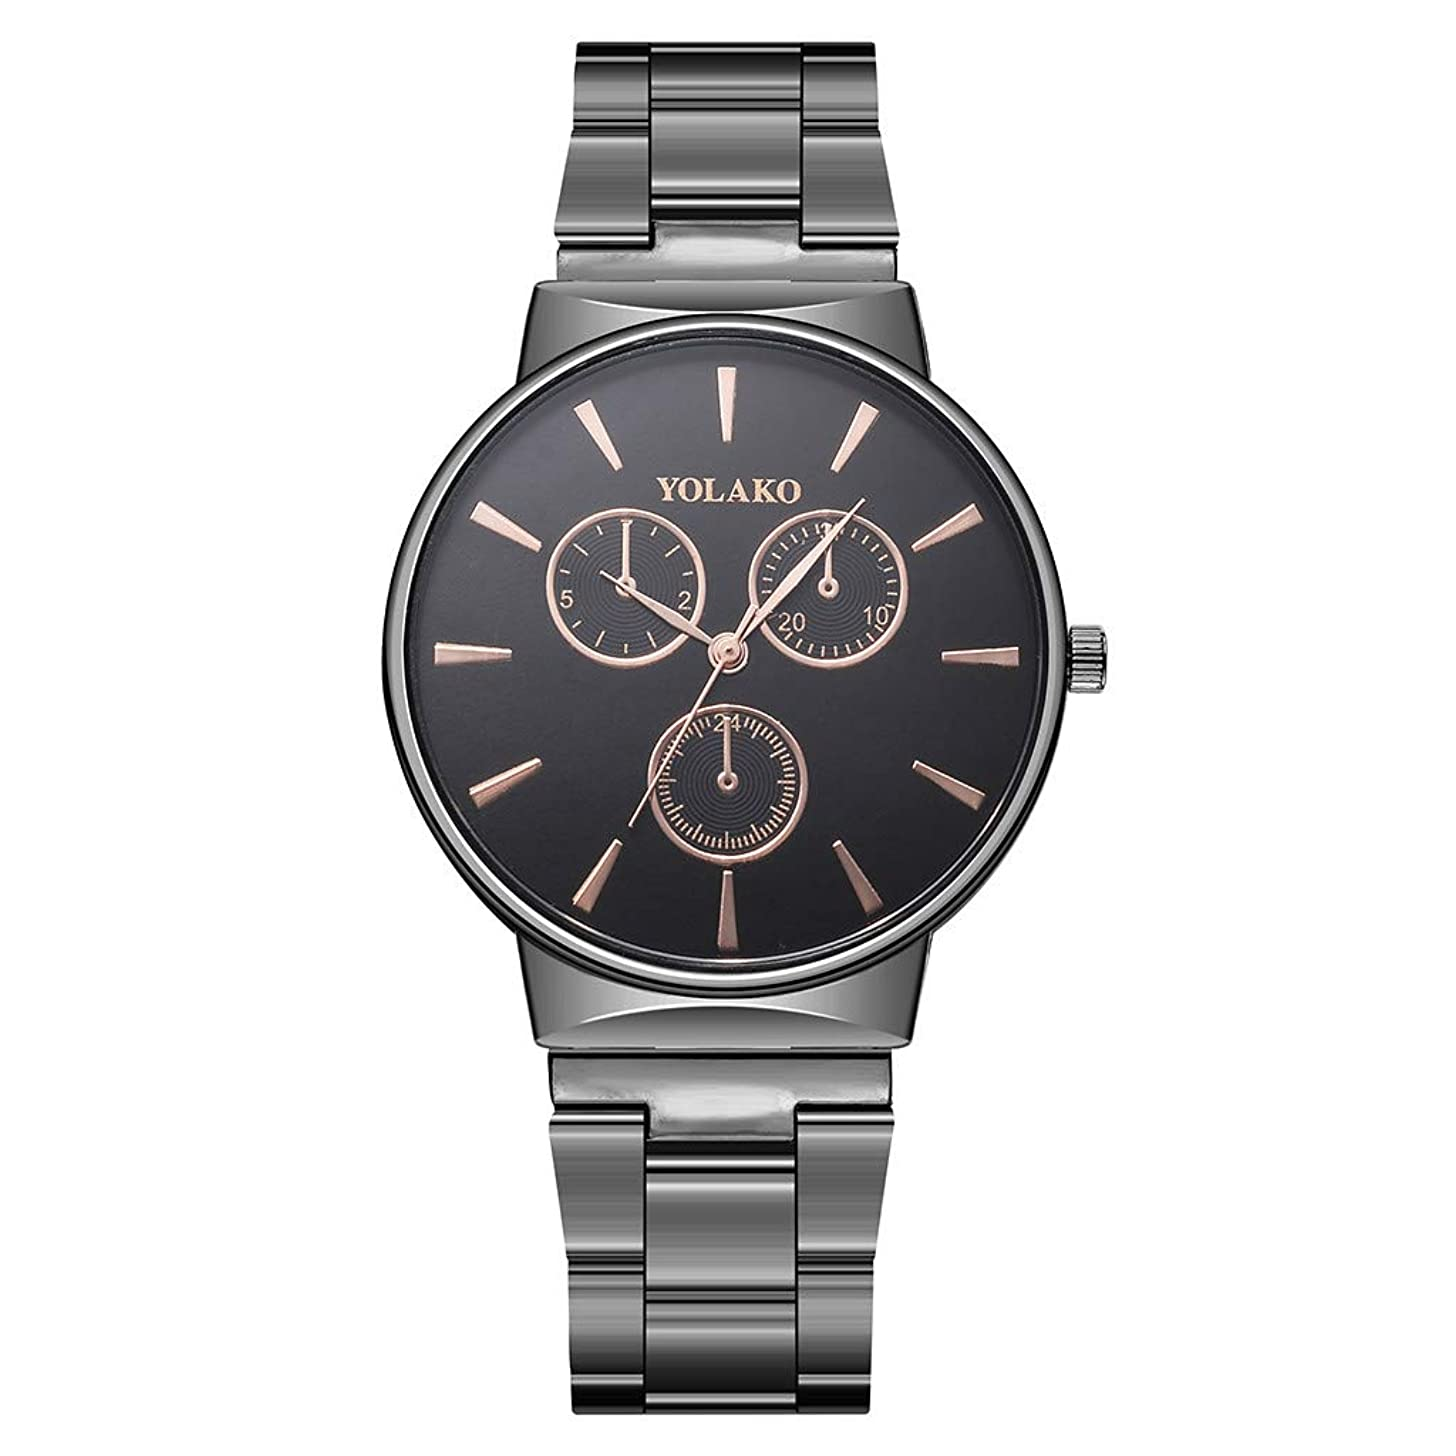 Fashion Men's Watch Quartz Stainless Steel Band New Strap Analog Wristwatch 2019 Spring Deals!Valentine's Day Present